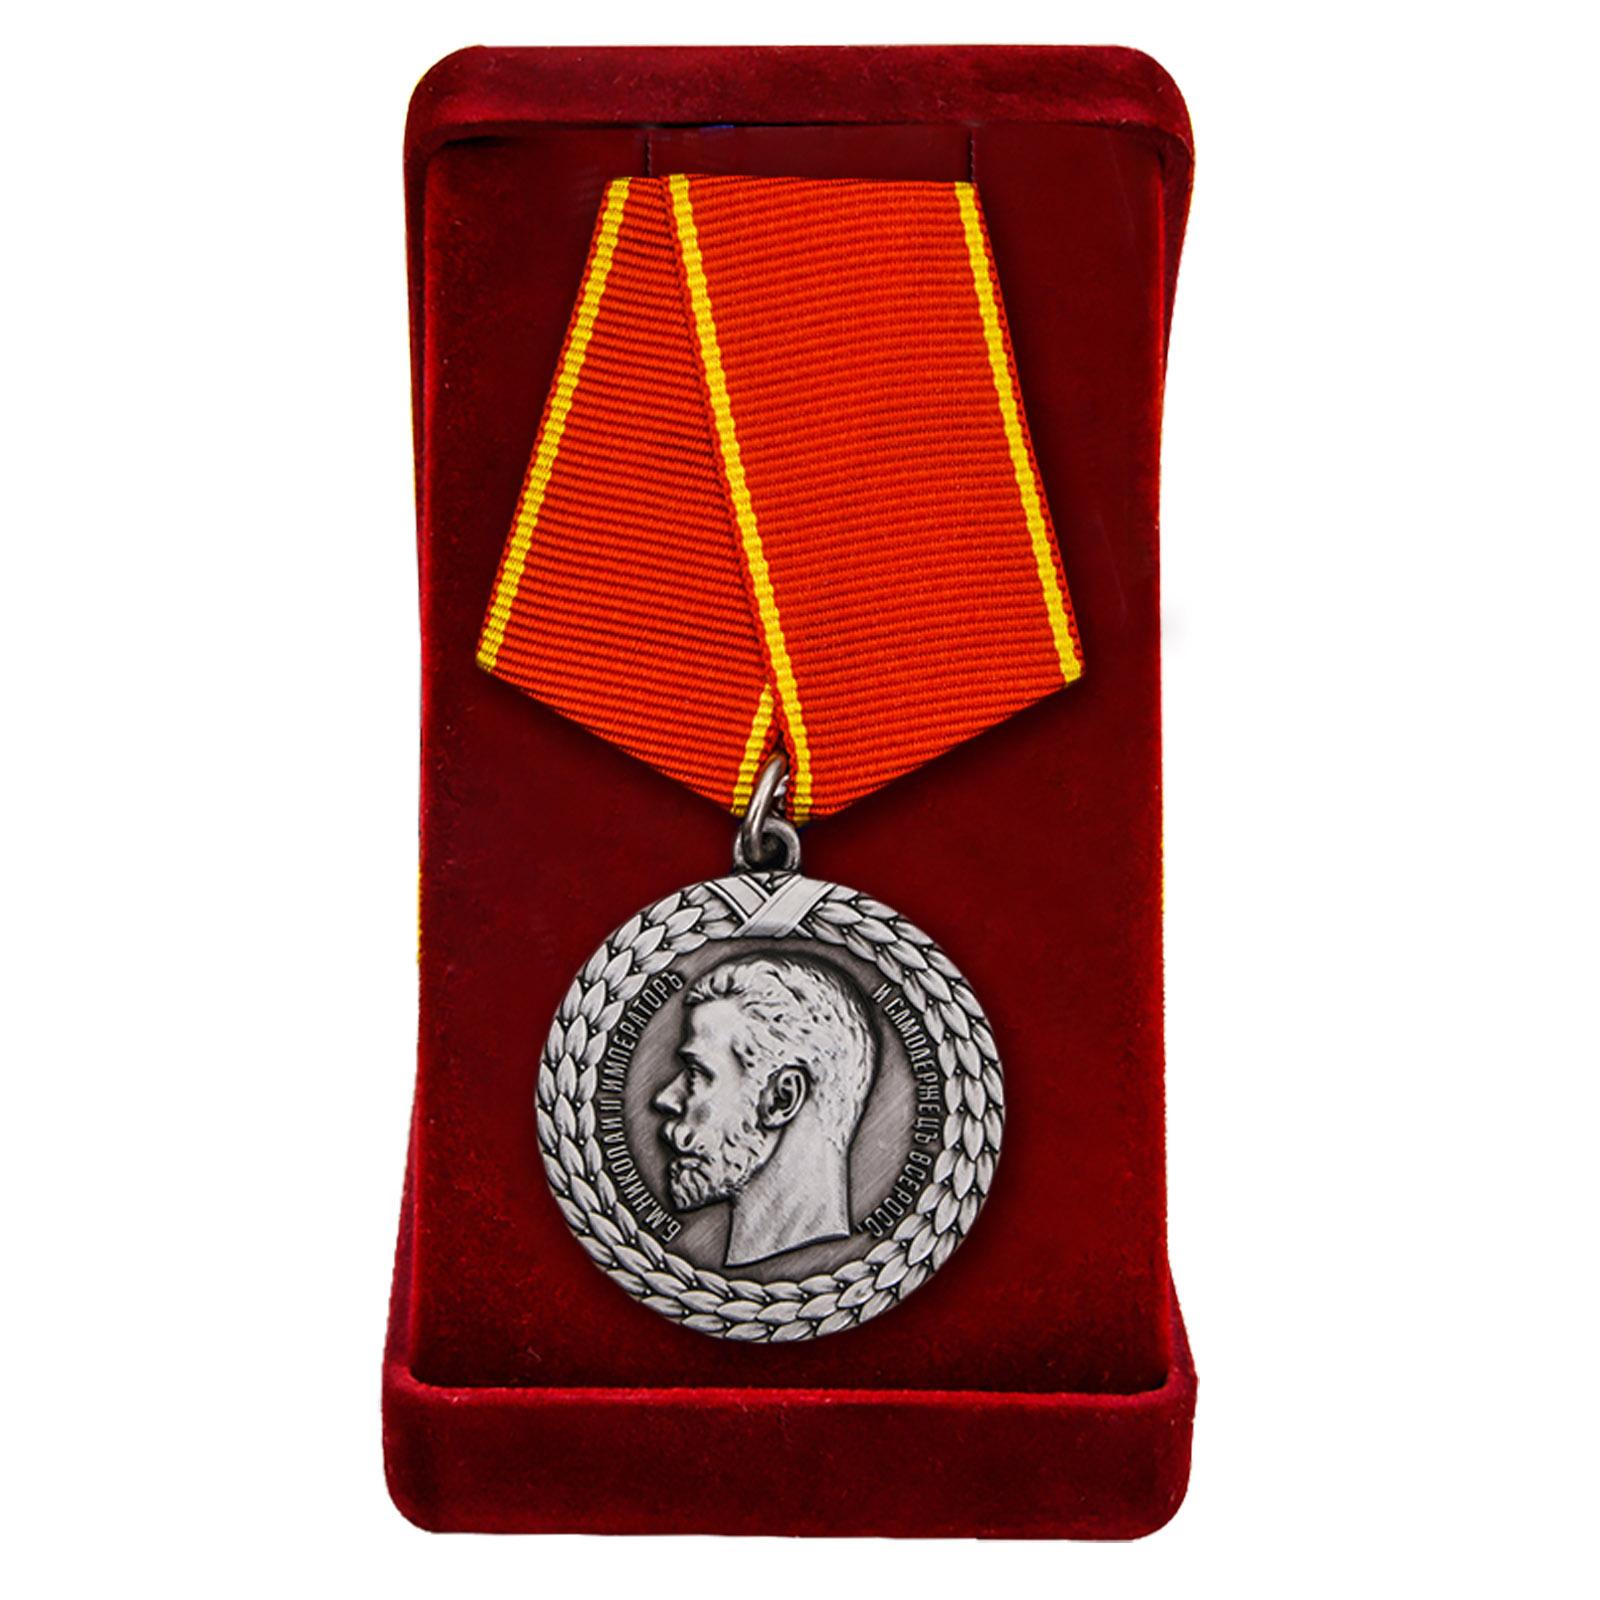 Купить медаль Николая II За беспорочную службу в тюремной страже по лучшей цене